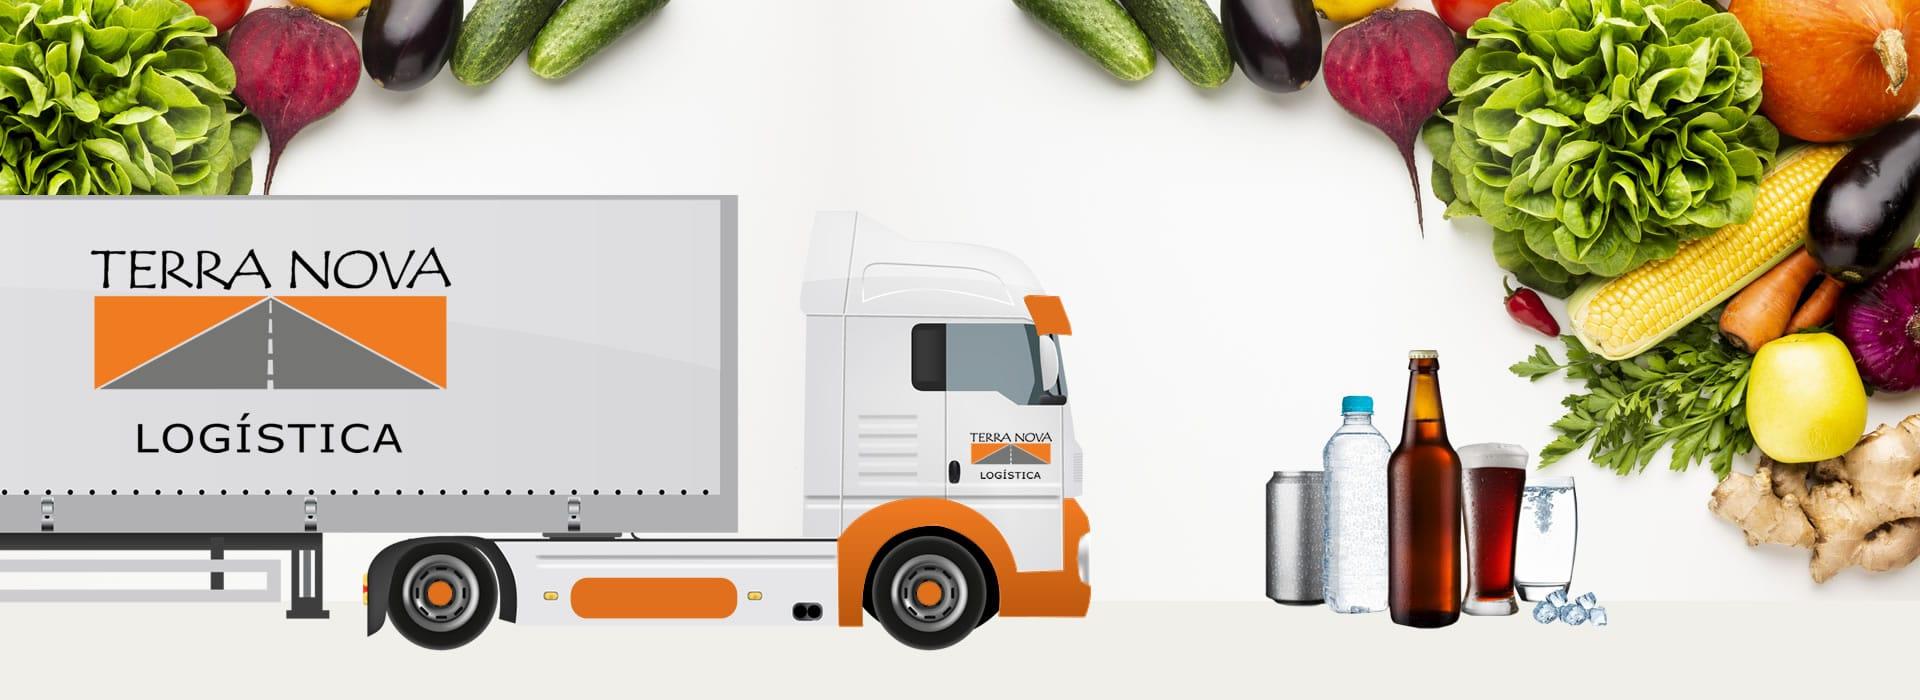 transporte de alimentos e bebidas